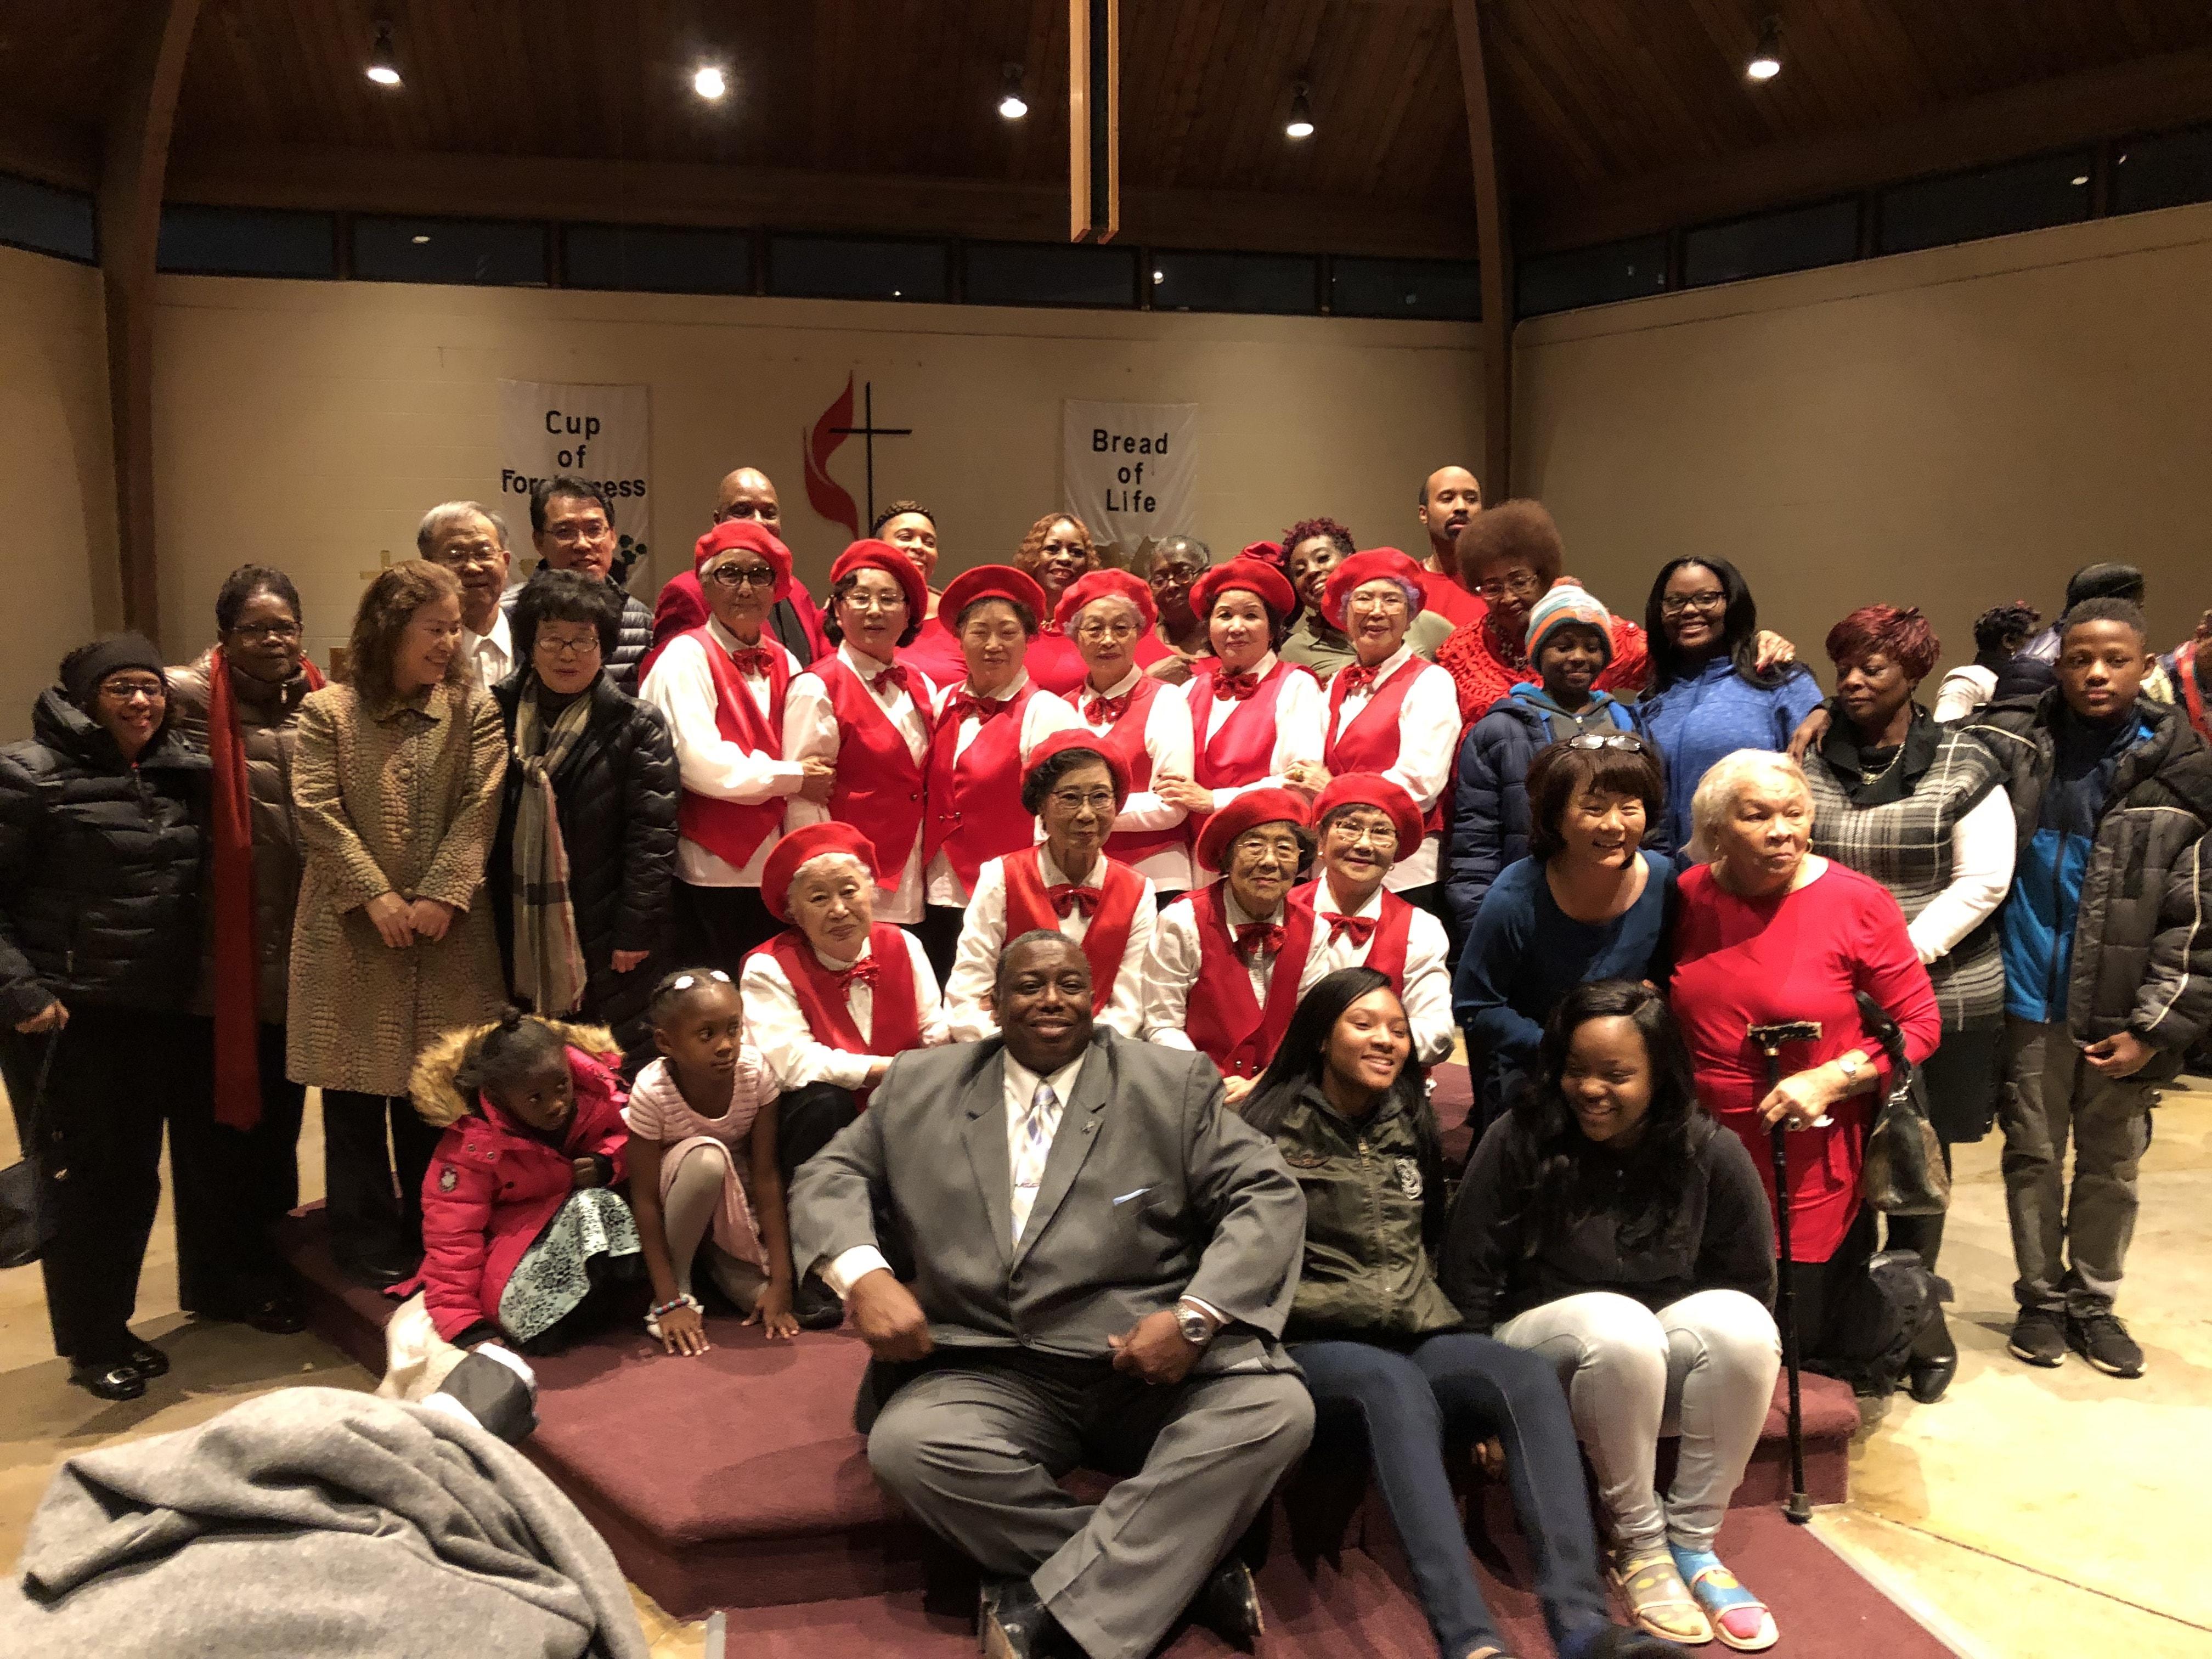 시카고 플라스키 노인 아파트에 거주하는 평균 연령 80세의 한인들로 구성된 하모니카 합주단이 Englewood-Rust UMC Choir Music Festival에서 공연 후 교인들과 자리를 함께 했다. 사진 제공 그레이스 오 목사, 잉글우드 러스트 연합감리교회.